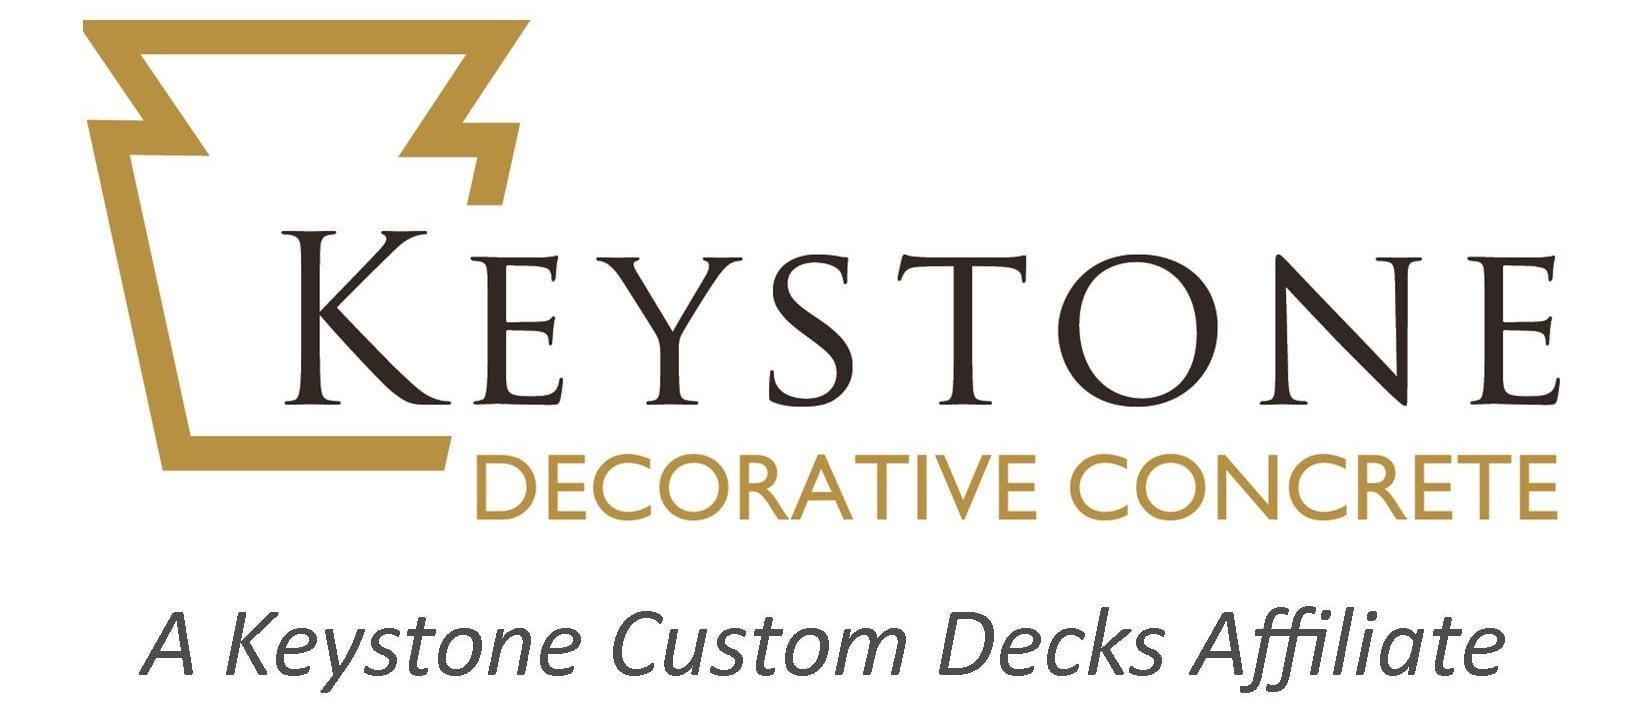 Keystoneconcretelogo